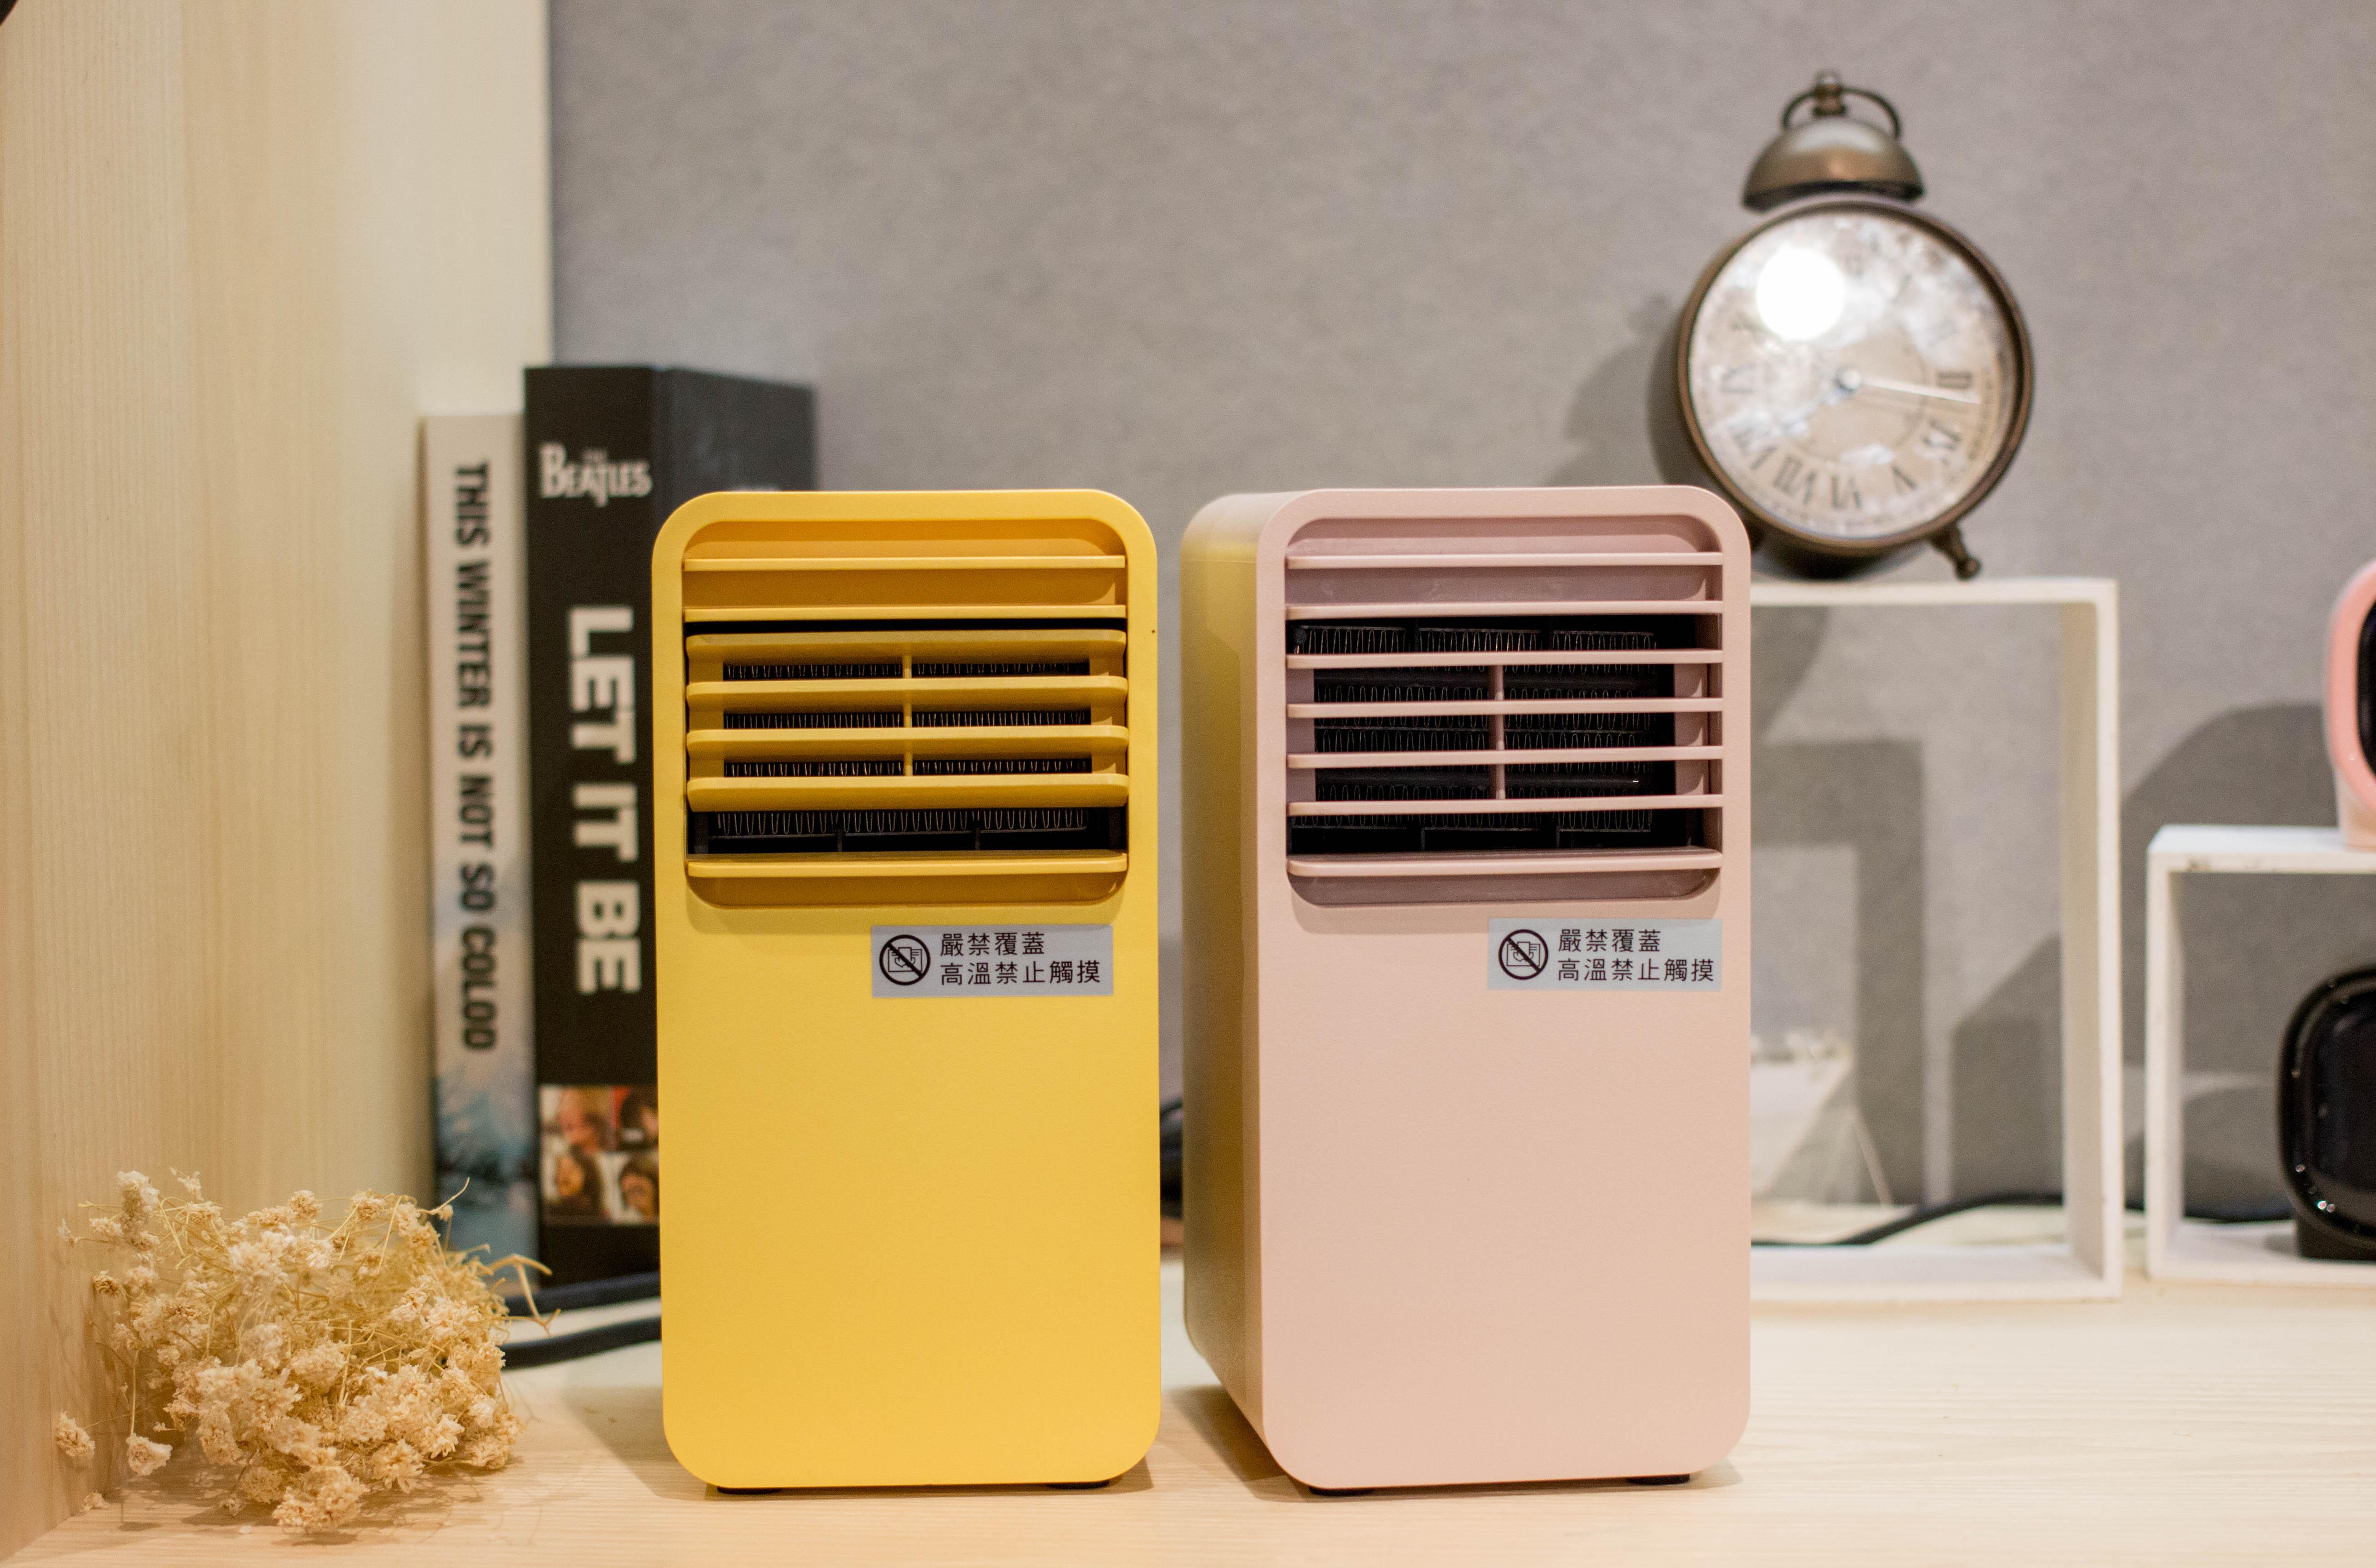 1780元_XHH-Y120 陶瓷式電暖器_2.jpg